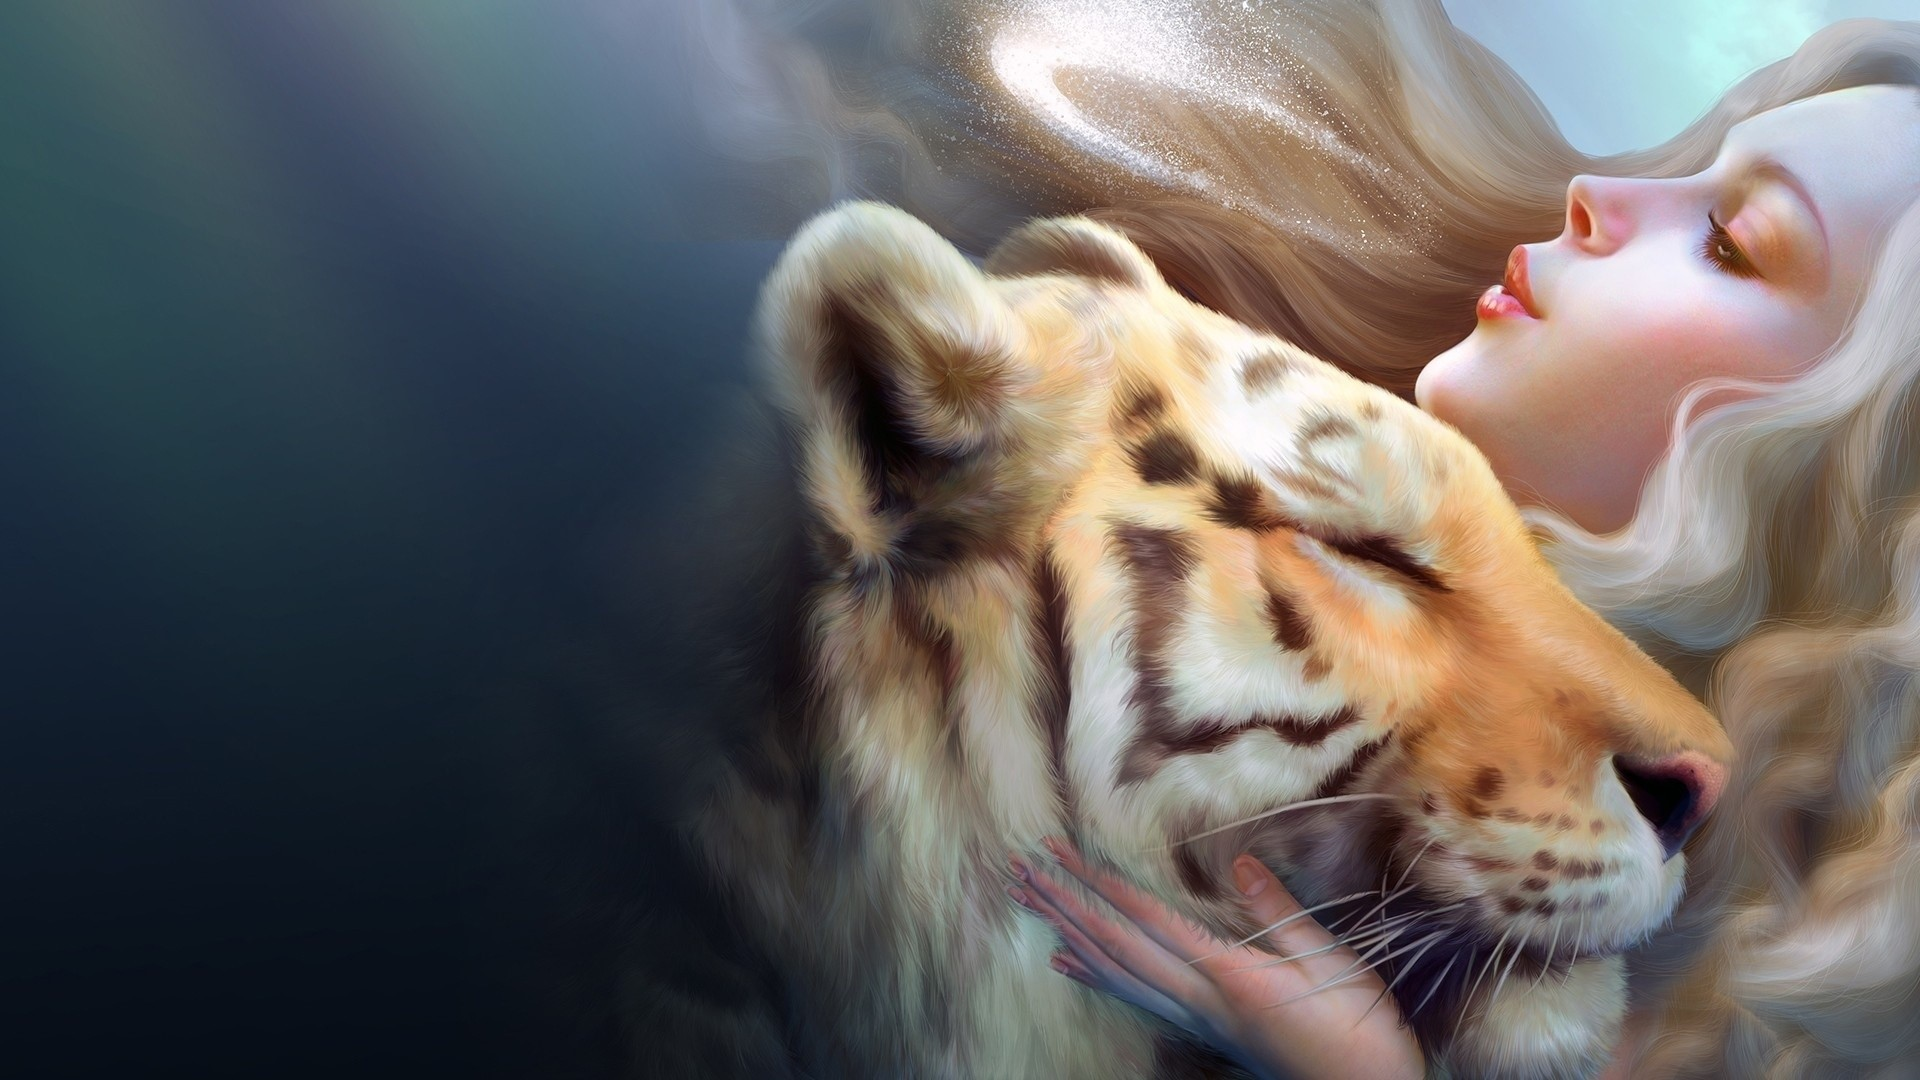 Fondo de pantalla de Una mujer con un tigre Imágenes